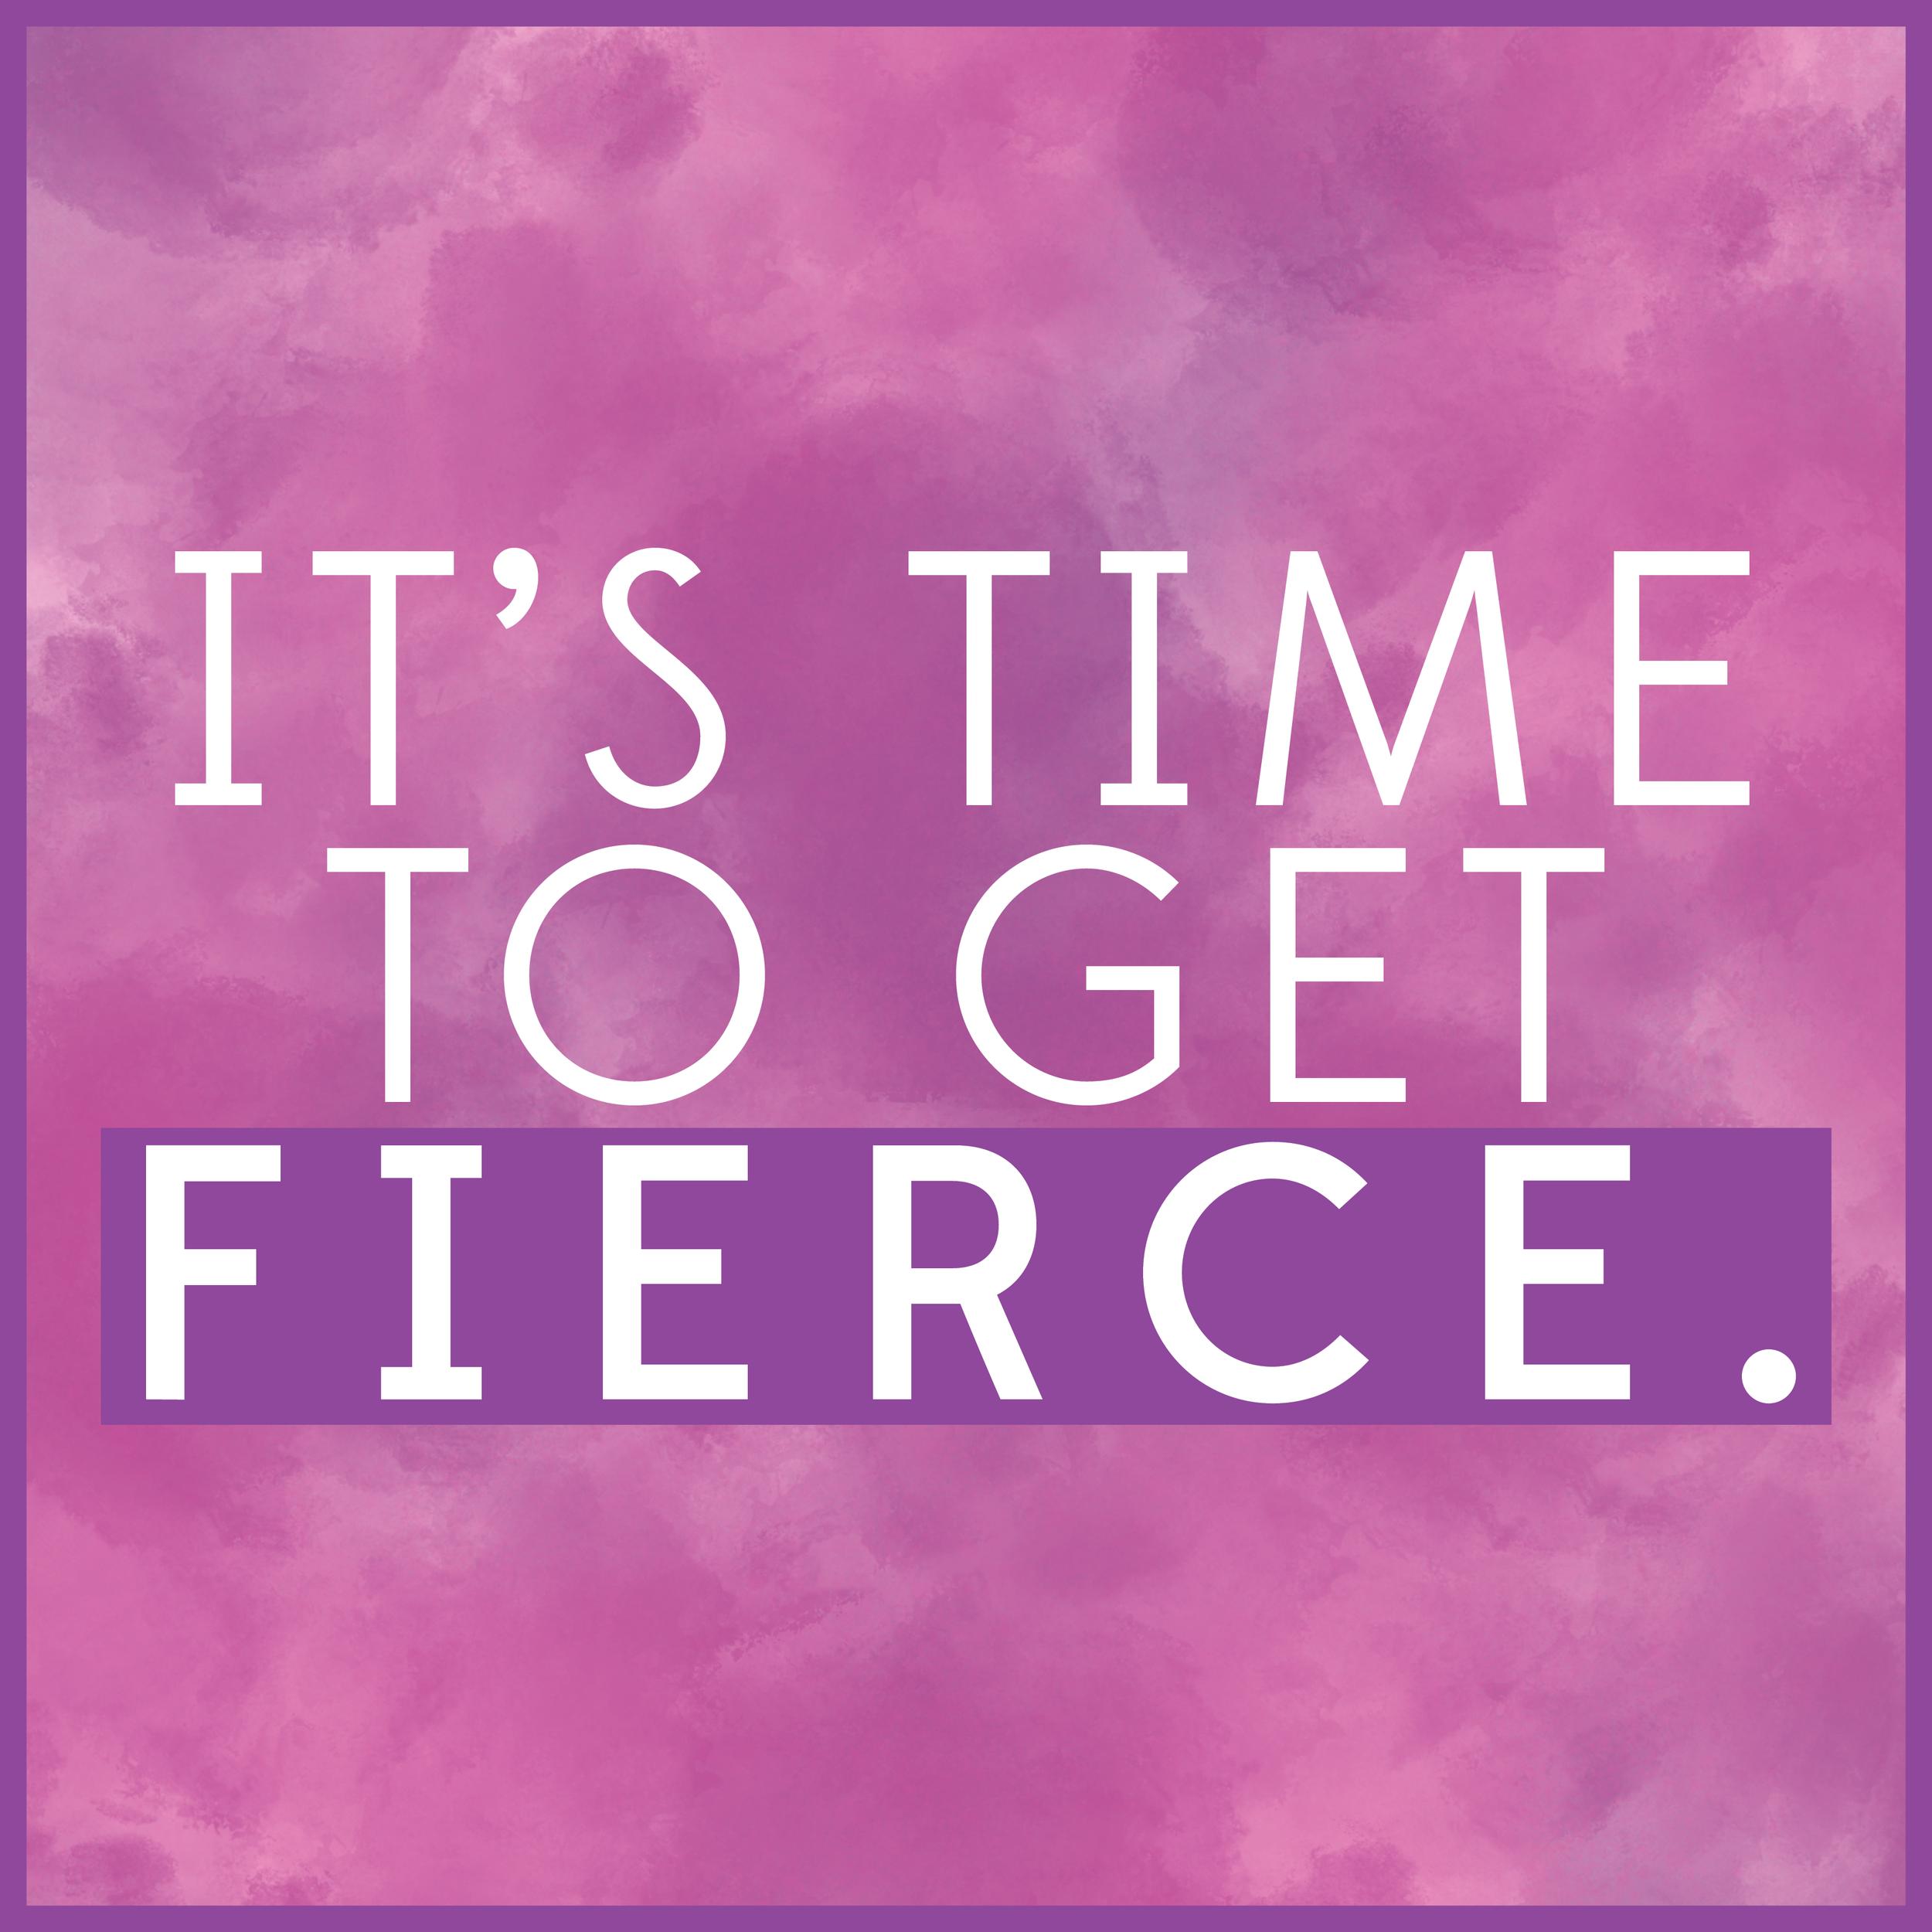 fierce.png